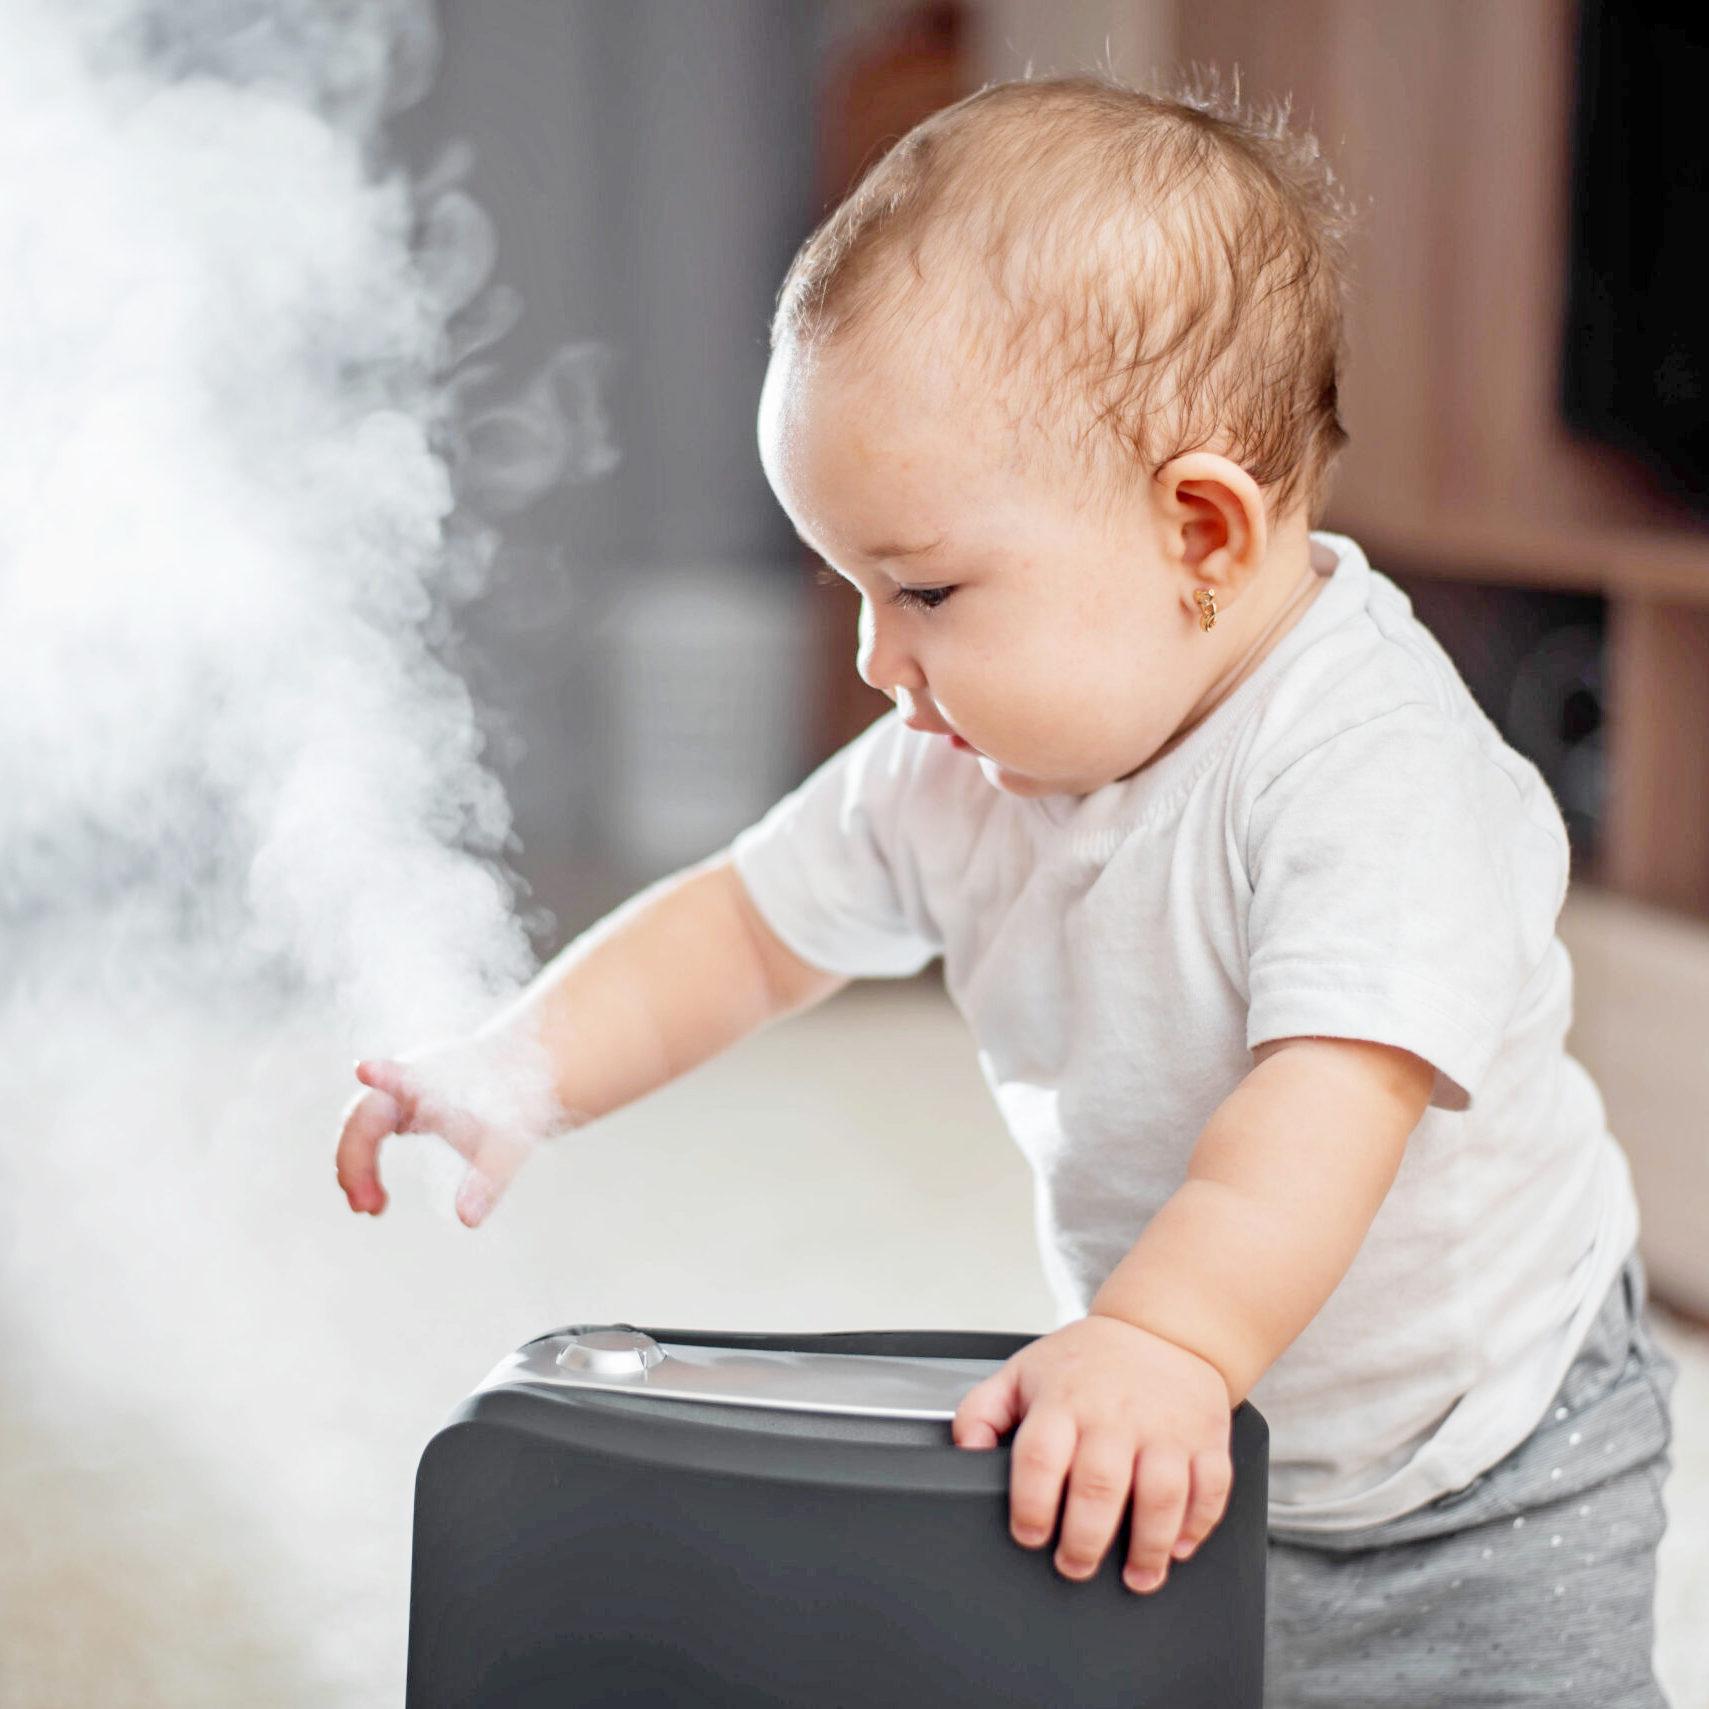 Как спасти маленького ребенка от жары в квартире